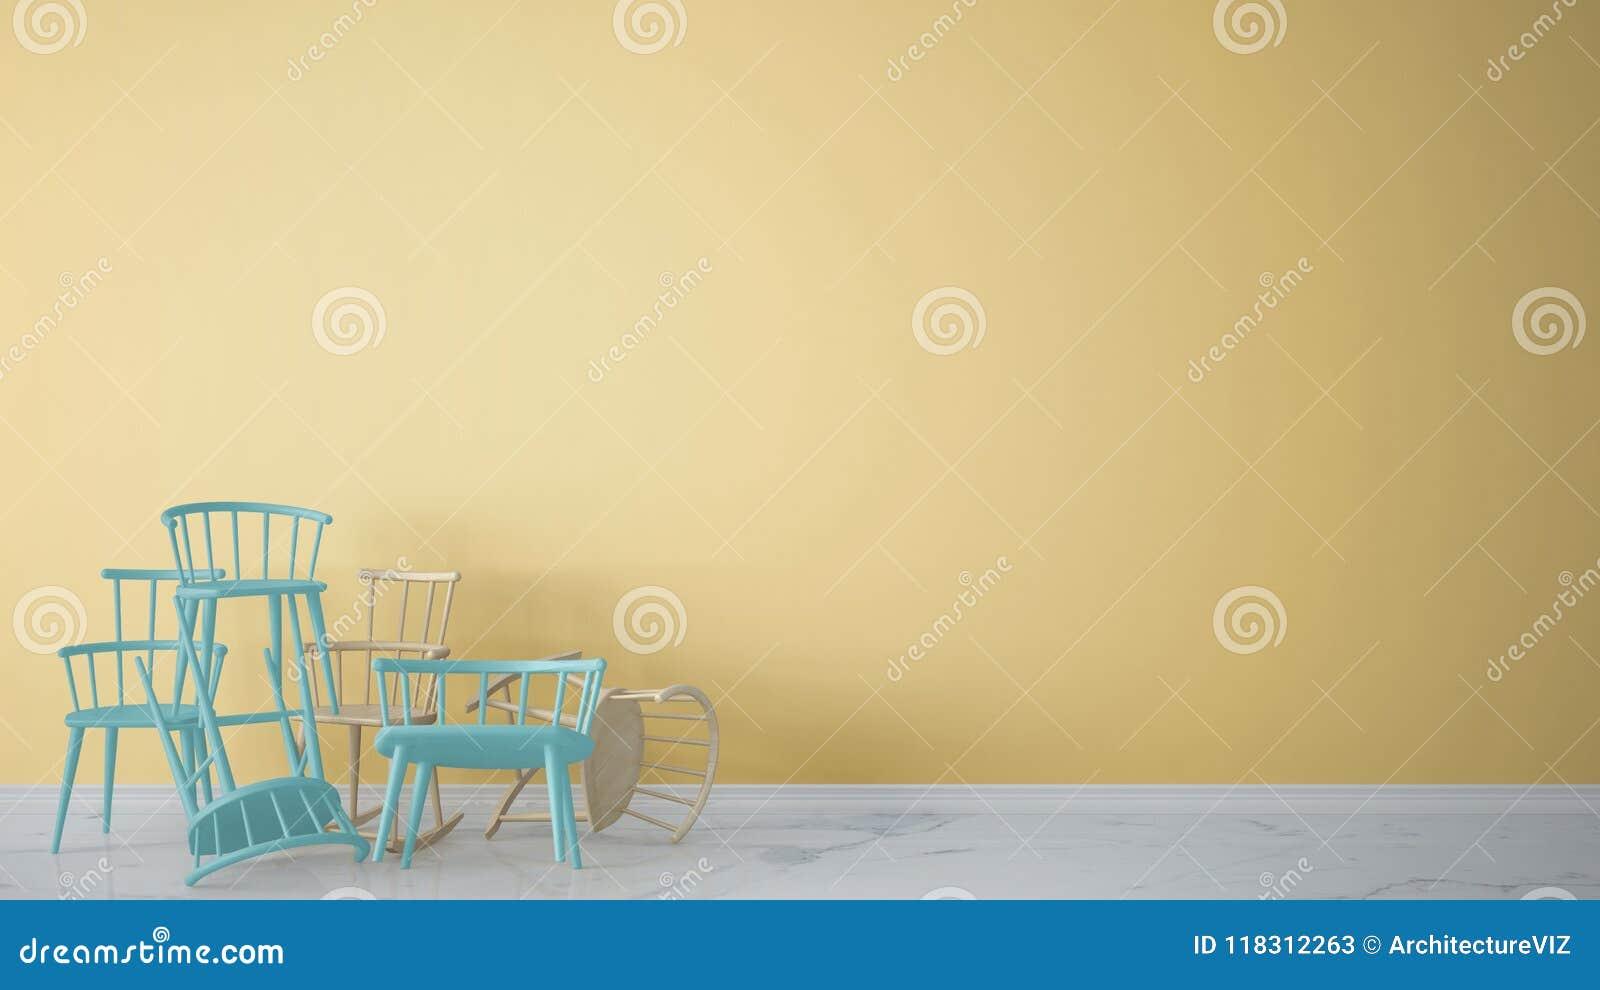 Grupa błękitny nowożytny scandinavian klasyk i skaliści krzesła brogujący up w rówieśnika pustym wnętrzu z marmurową podłoga, arc